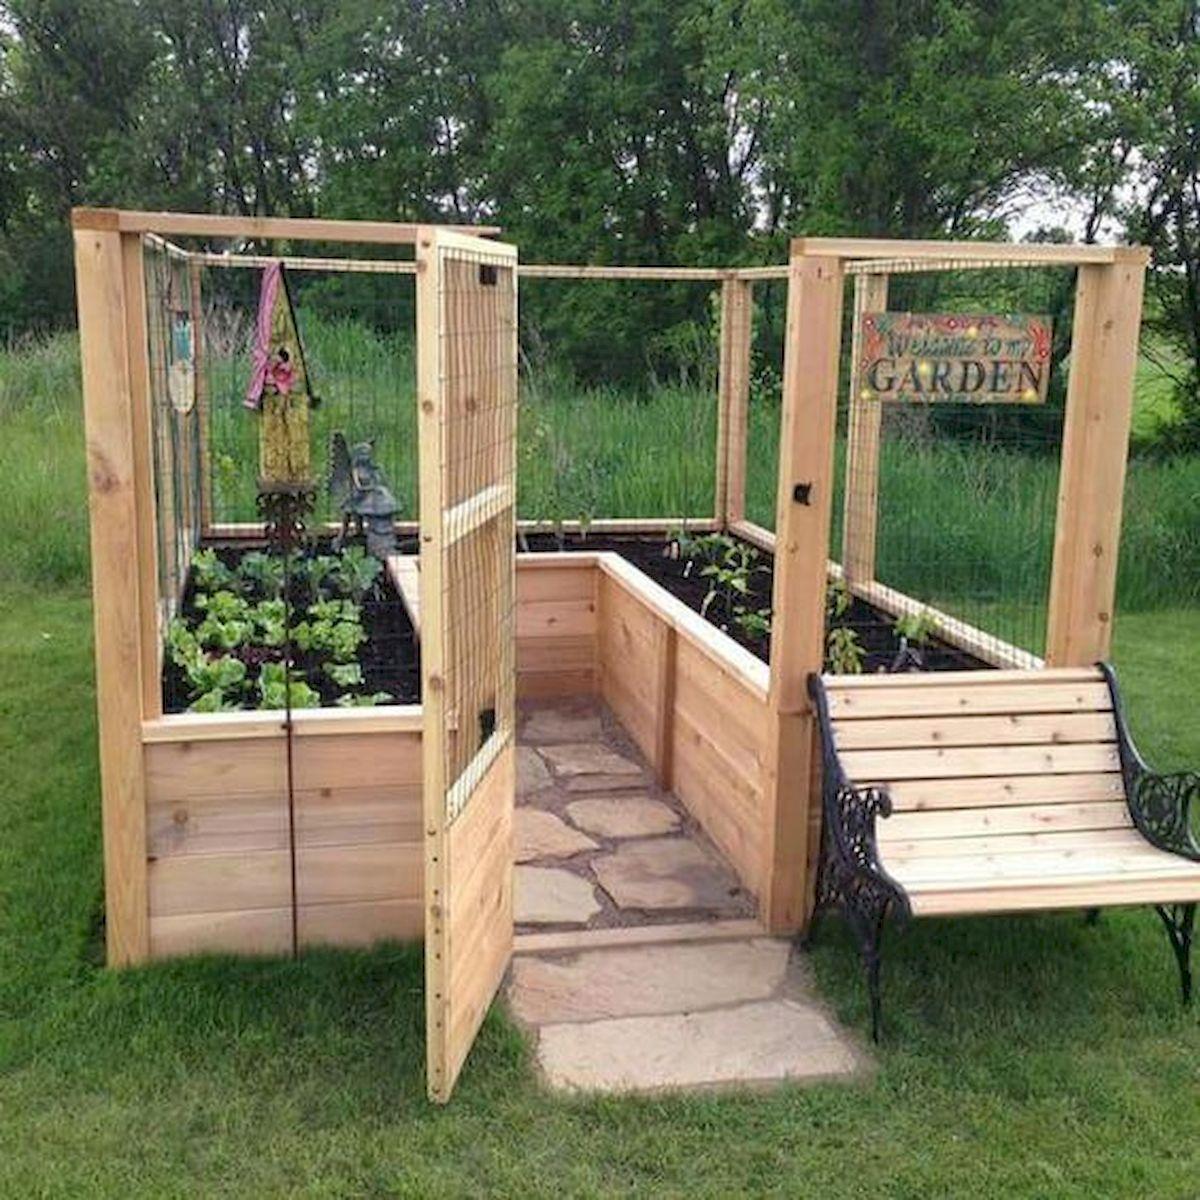 25 ideas simples de diseño de espacios pequeños de huerta de bricolaje para principiantes - un jardín para mamá - gardenidea2.istme ...- sandy